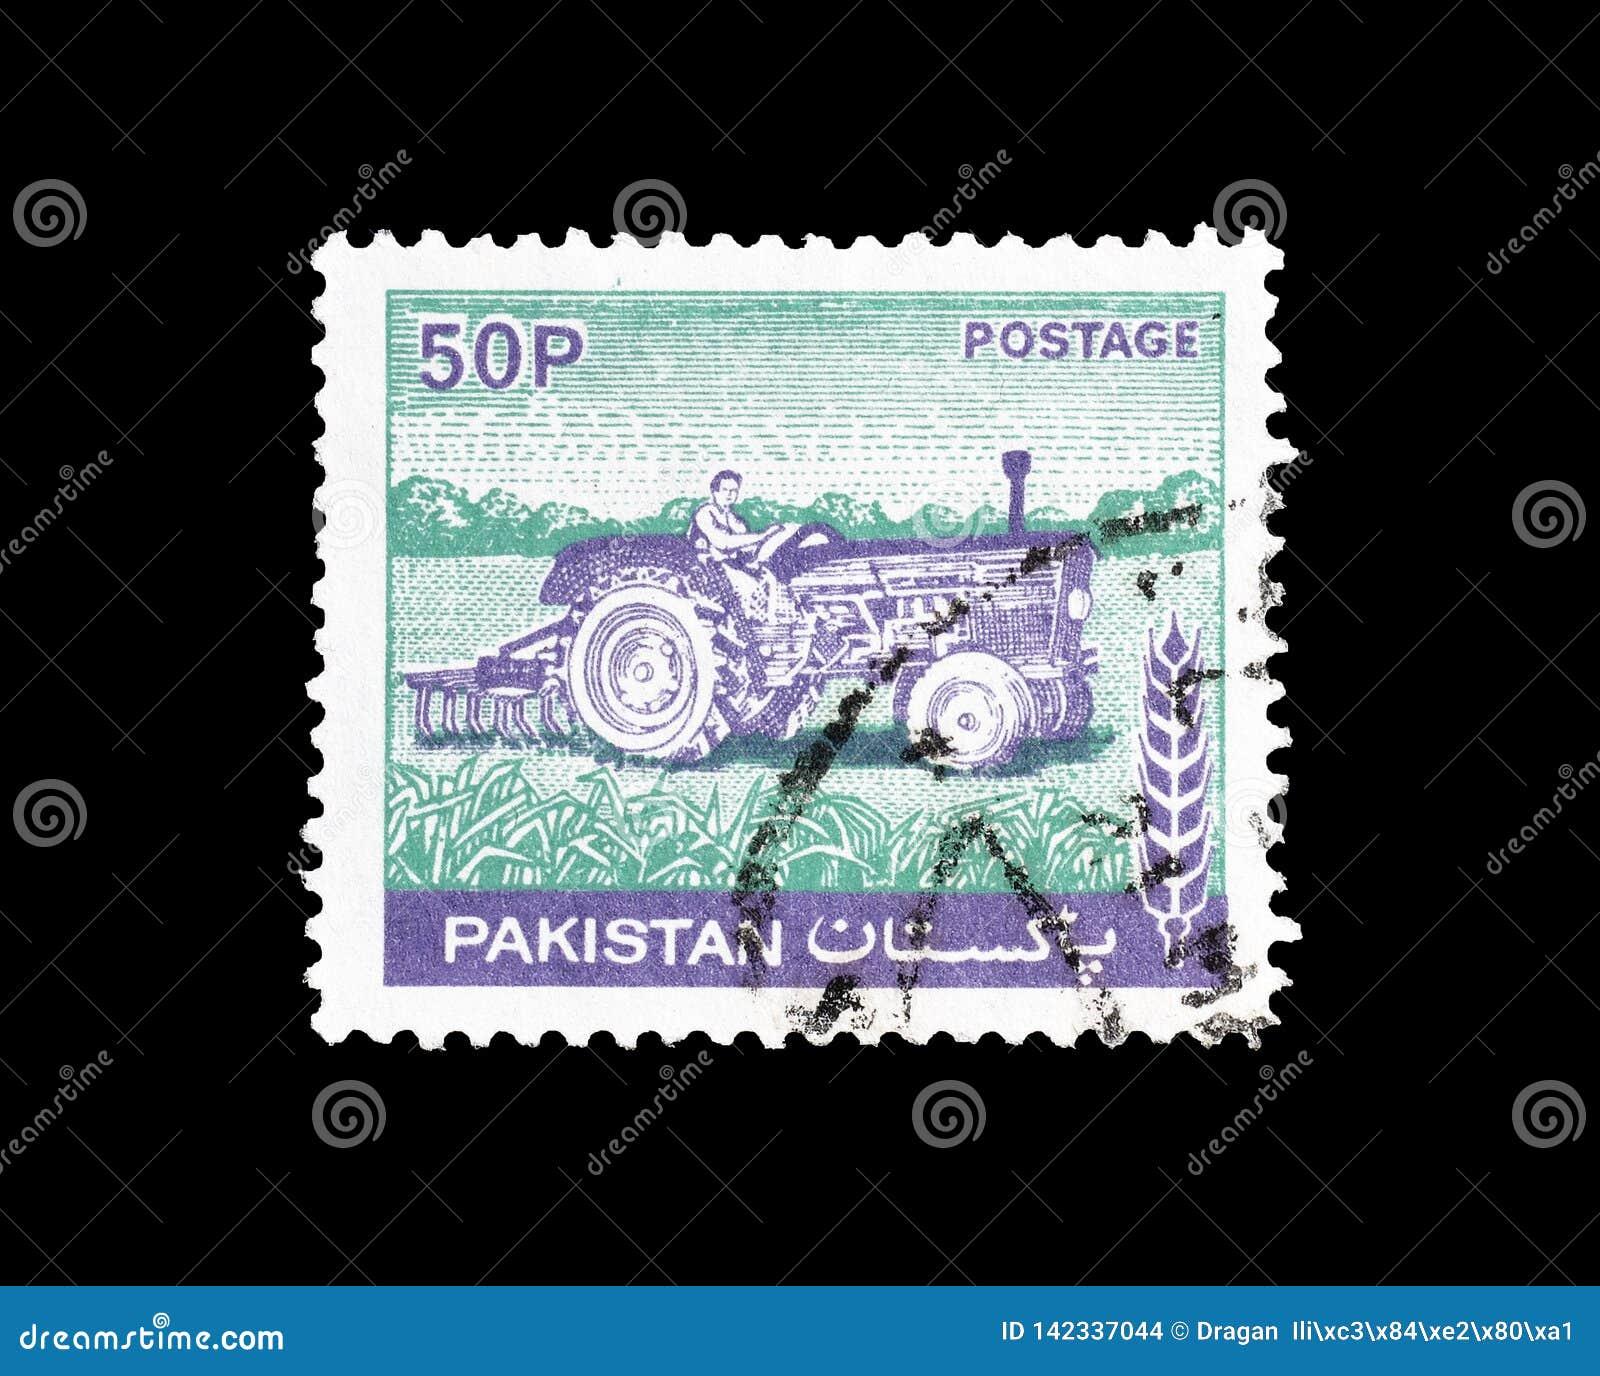 Sello cancelado impreso por Paquistán